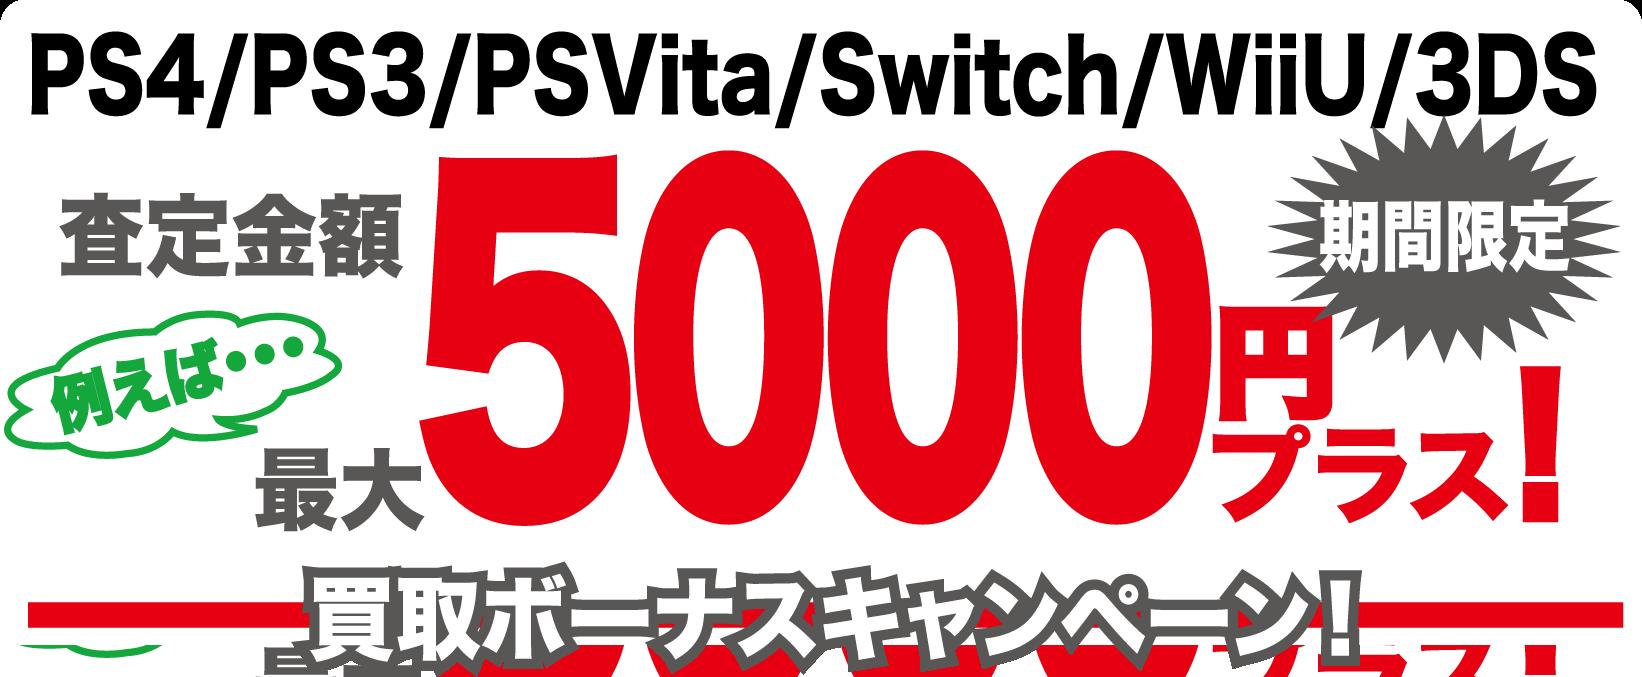 買取ボーナス5000円プラス